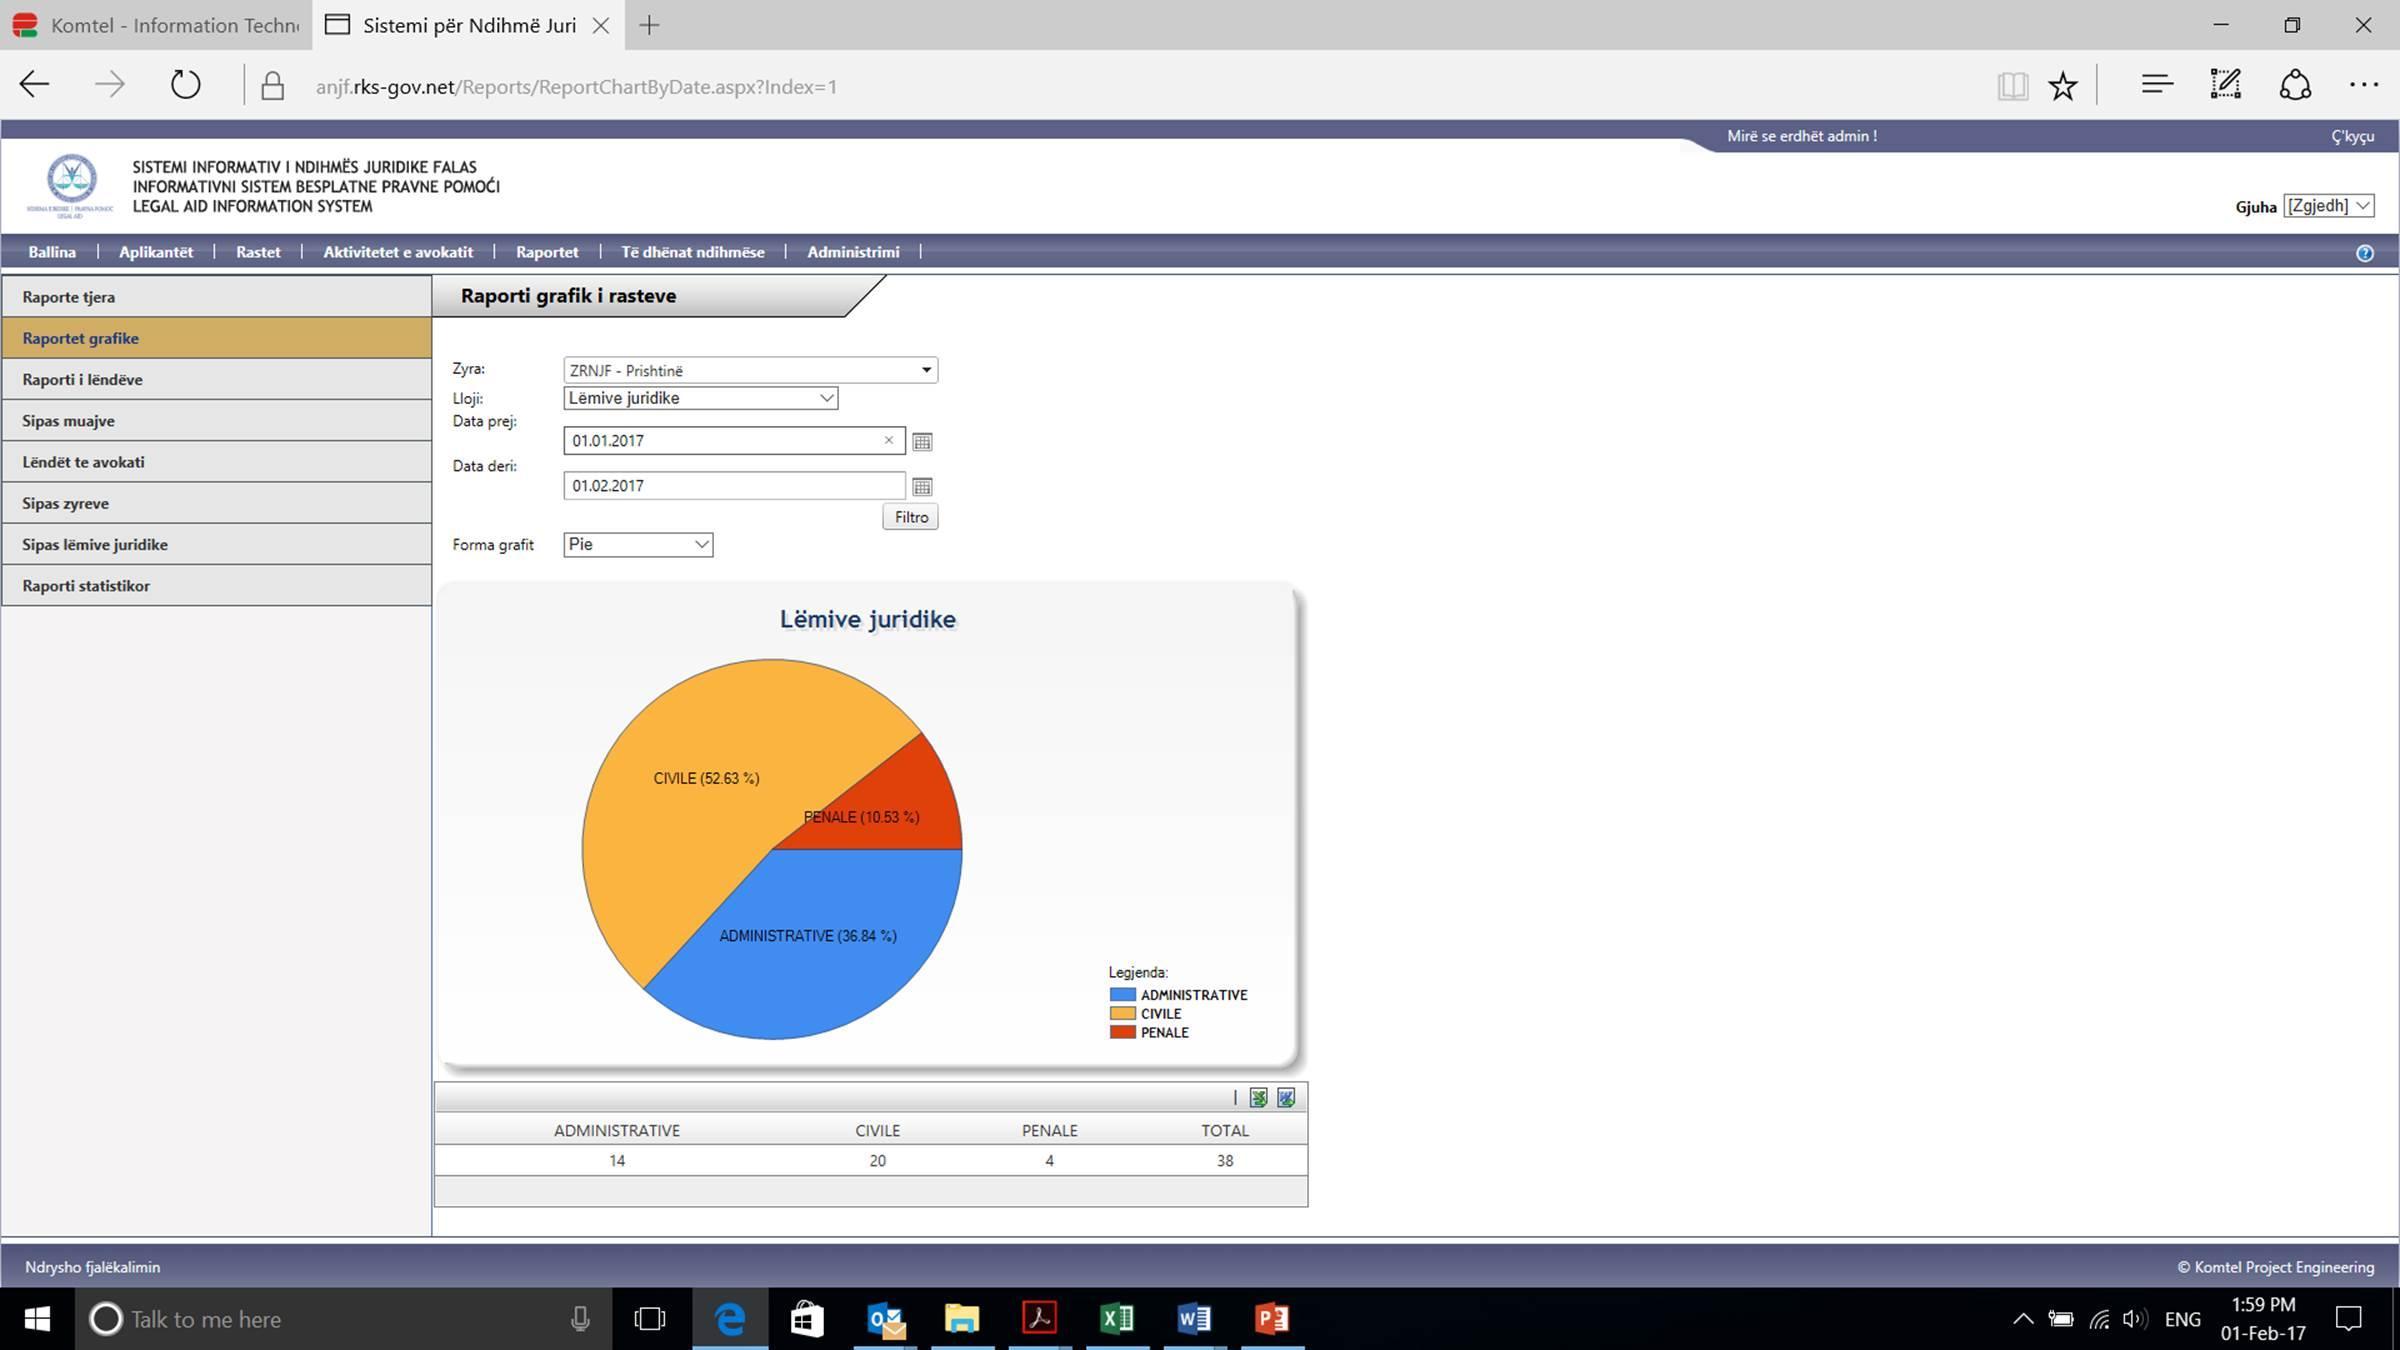 Sistemi informativ për ndihmë juridike falas